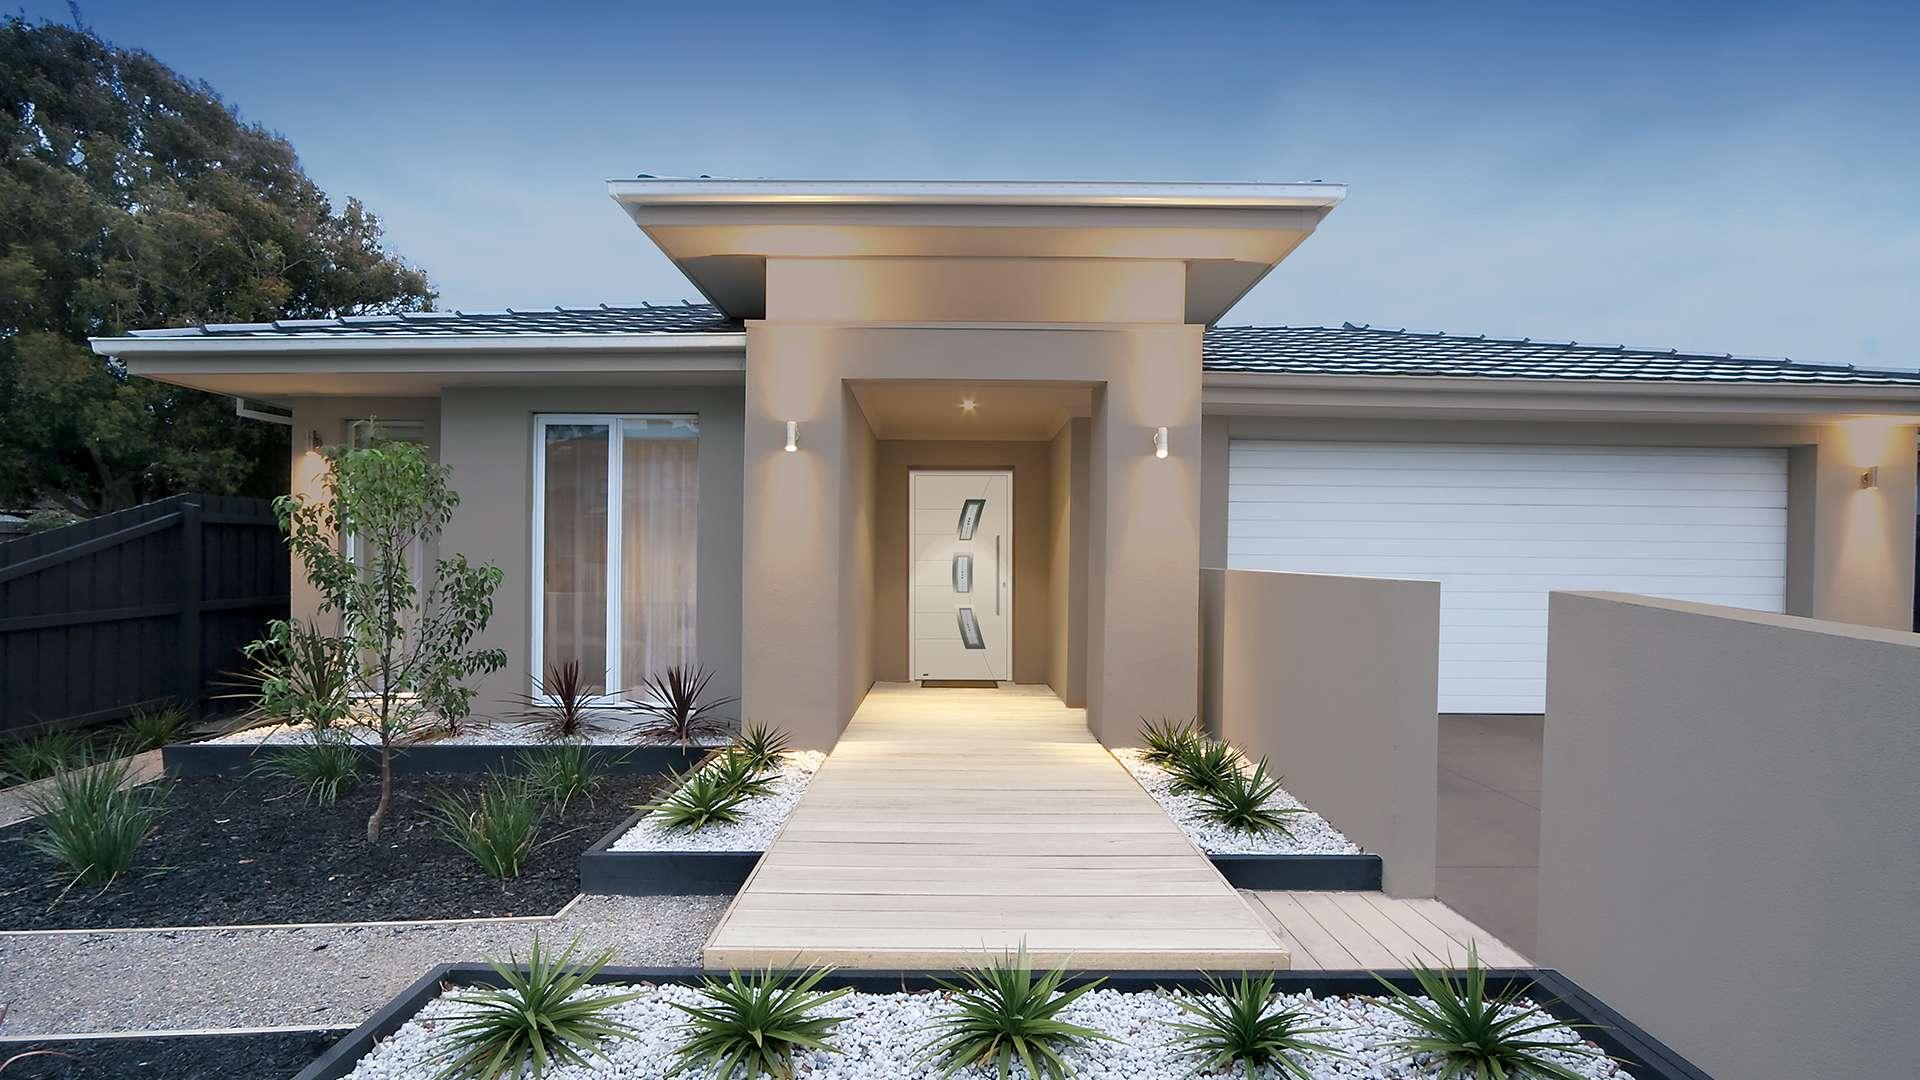 weiße Haustür in eine kleinen Villa mit gepflegtem Vorgarten und großer Garage